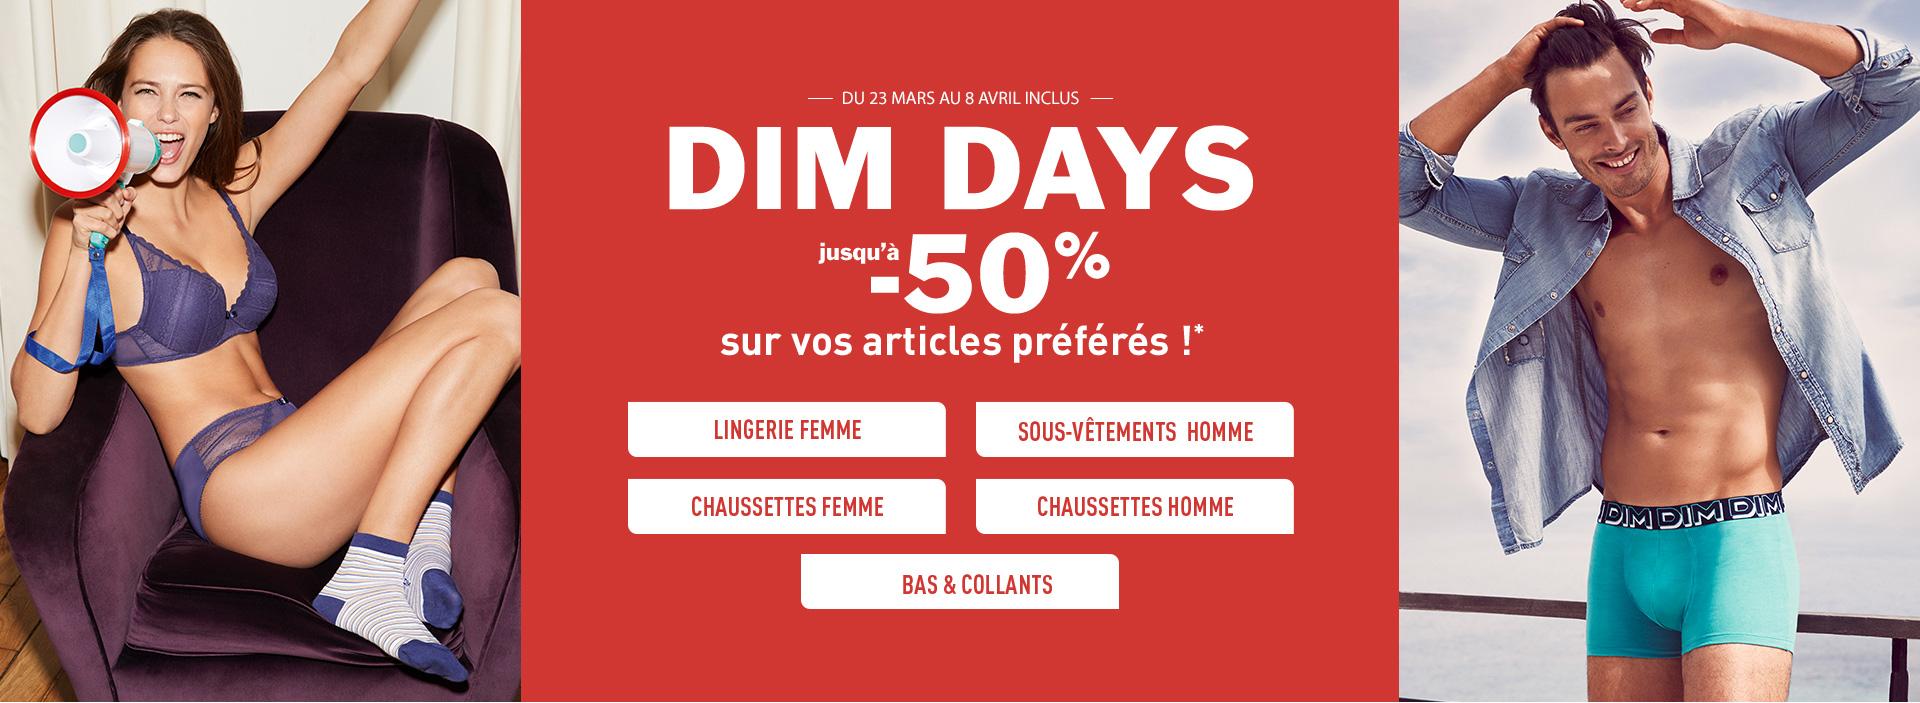 DIM DAYS - jusqu'à -50% sur vos articles préférés!*